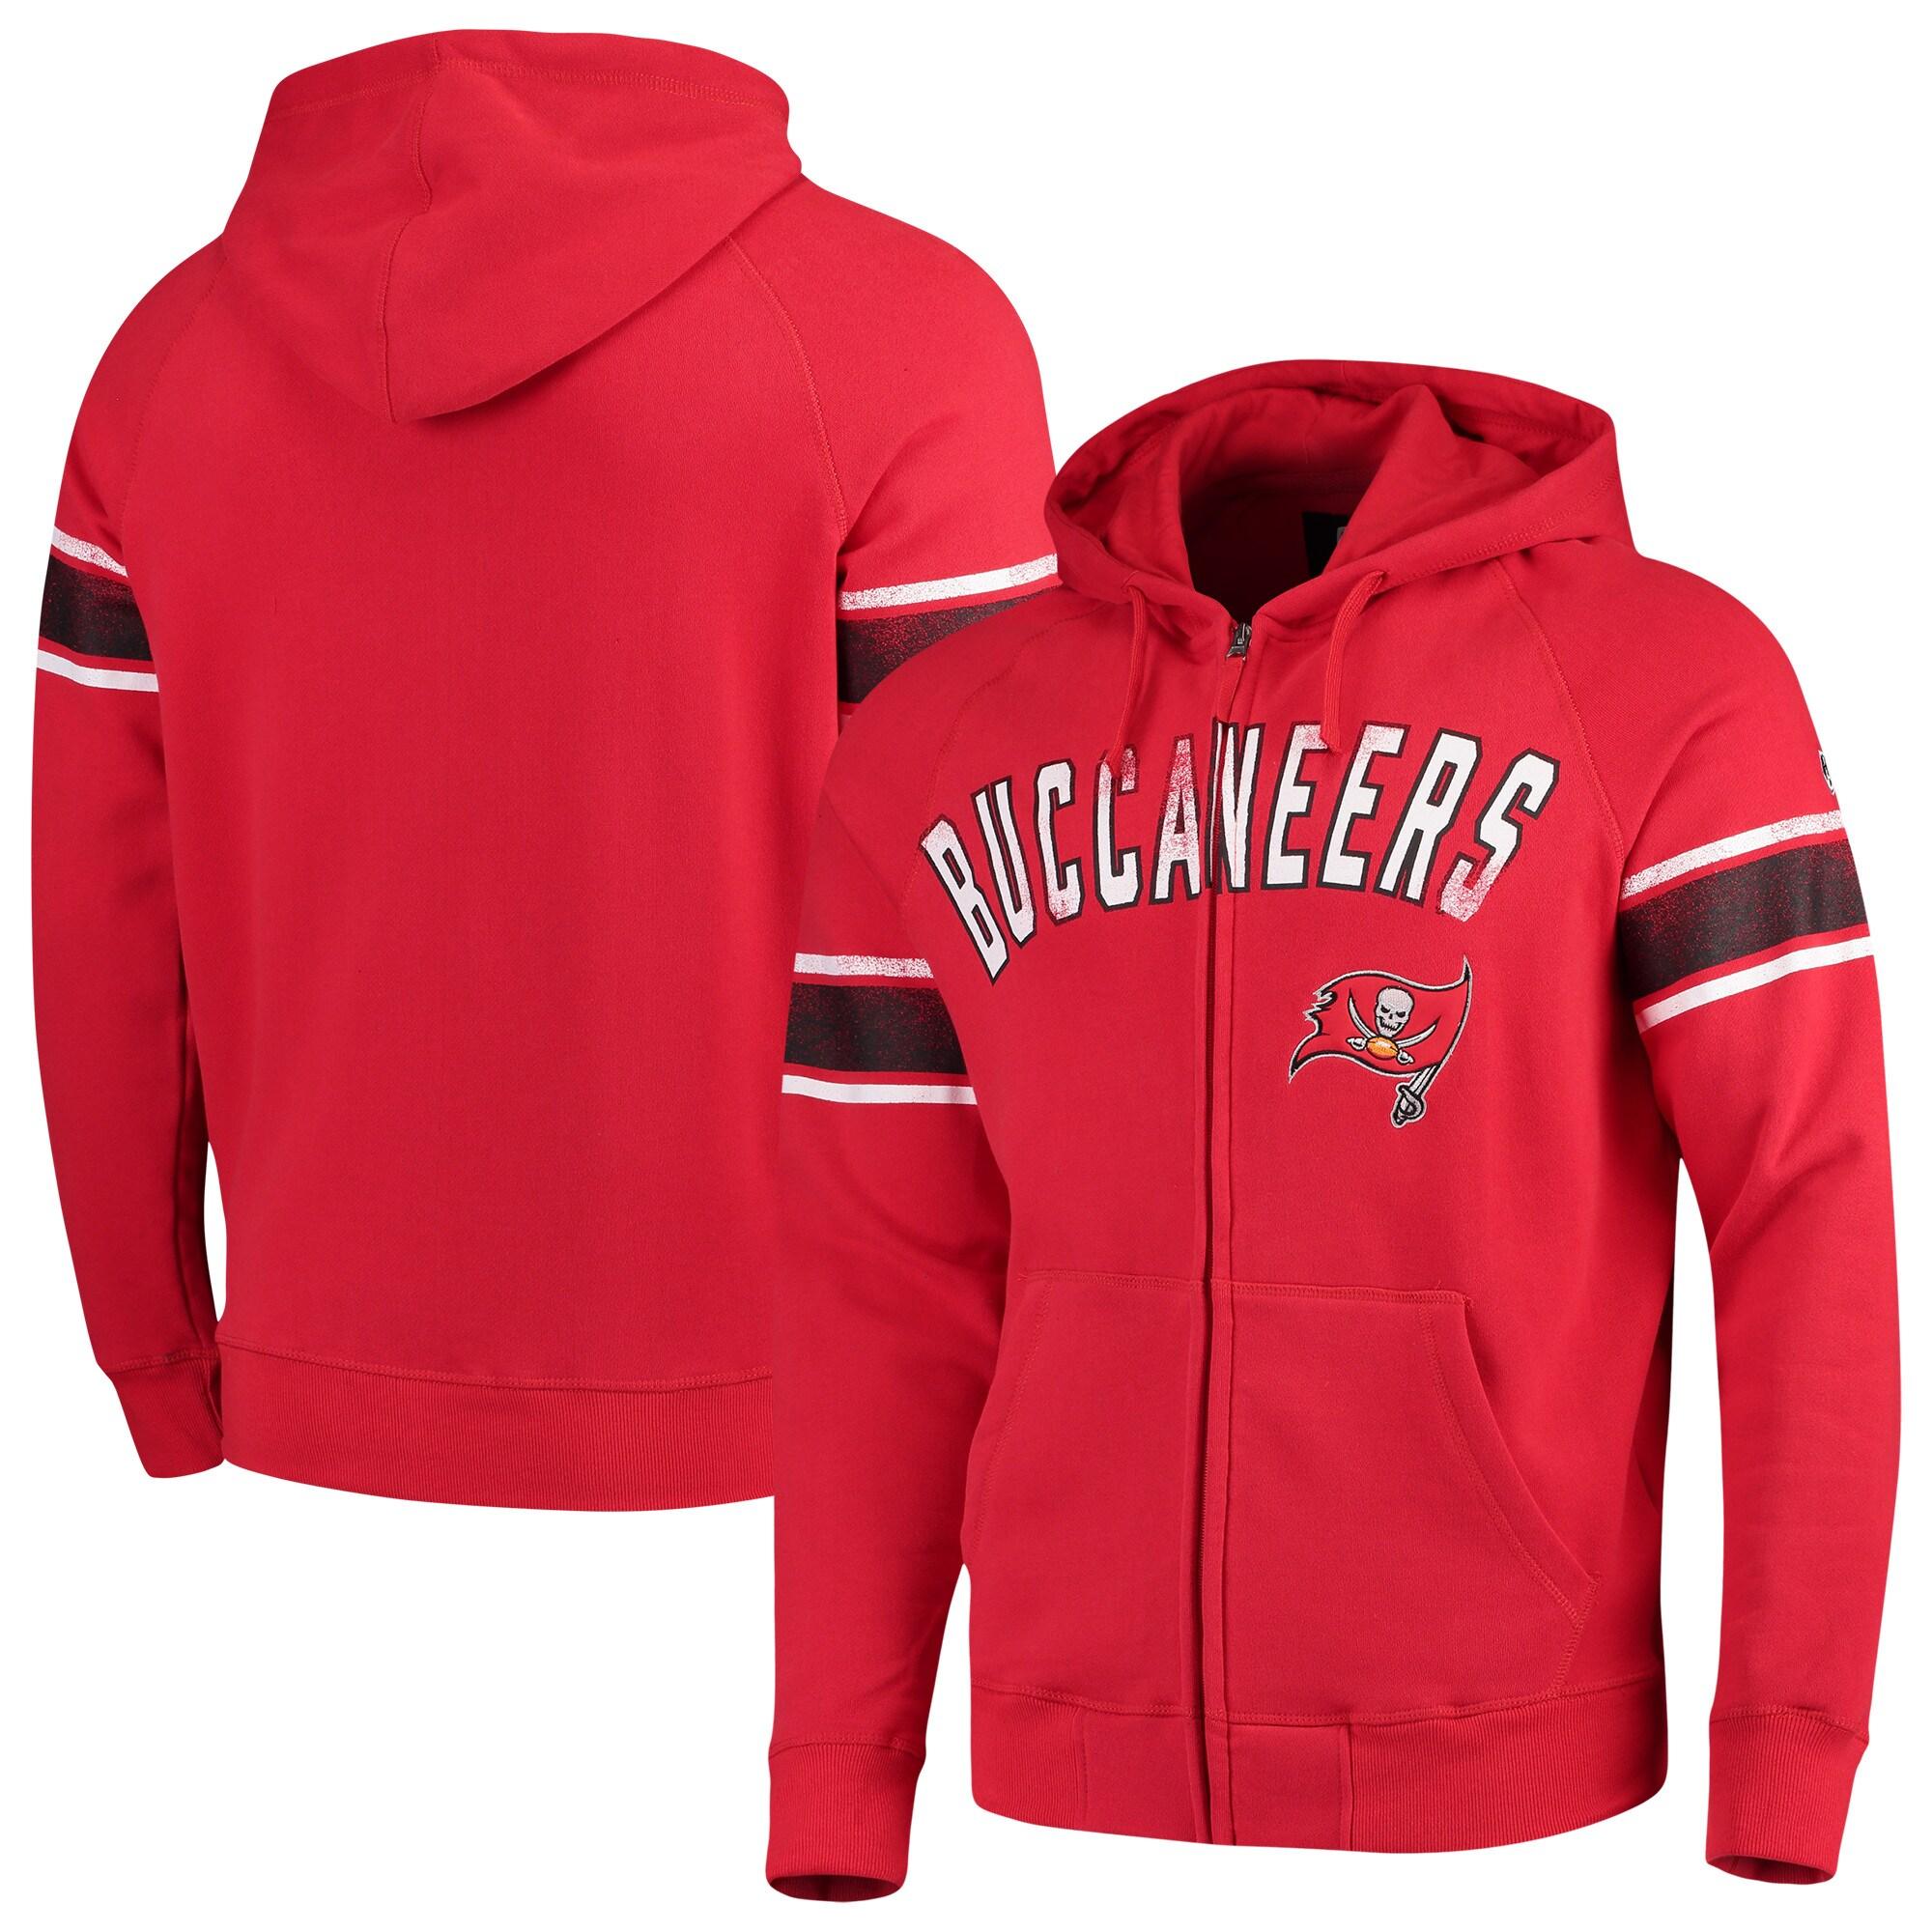 Tampa Bay Buccaneers Hands High Arena Full-Zip Hoodie - Red